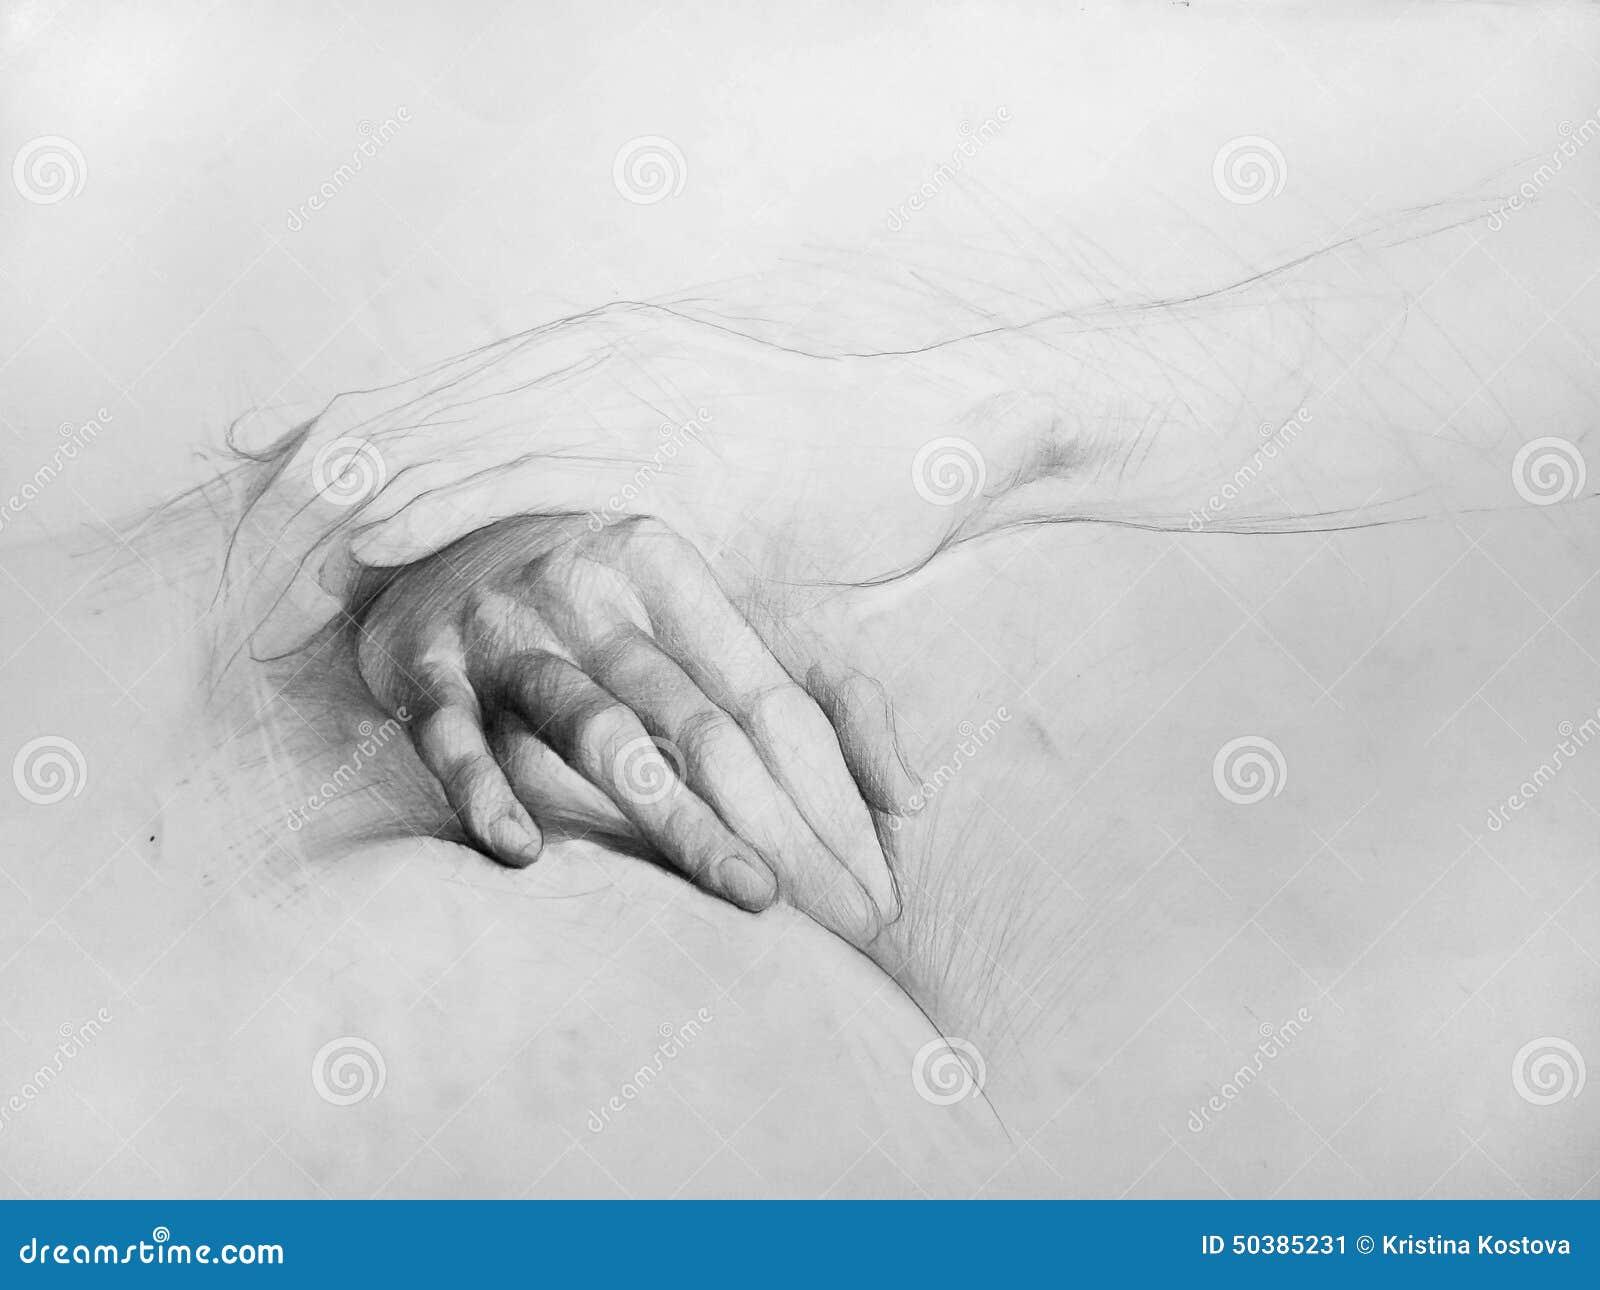 Bleistift zeichnung hände zusammensetzung anatomische zeichnung